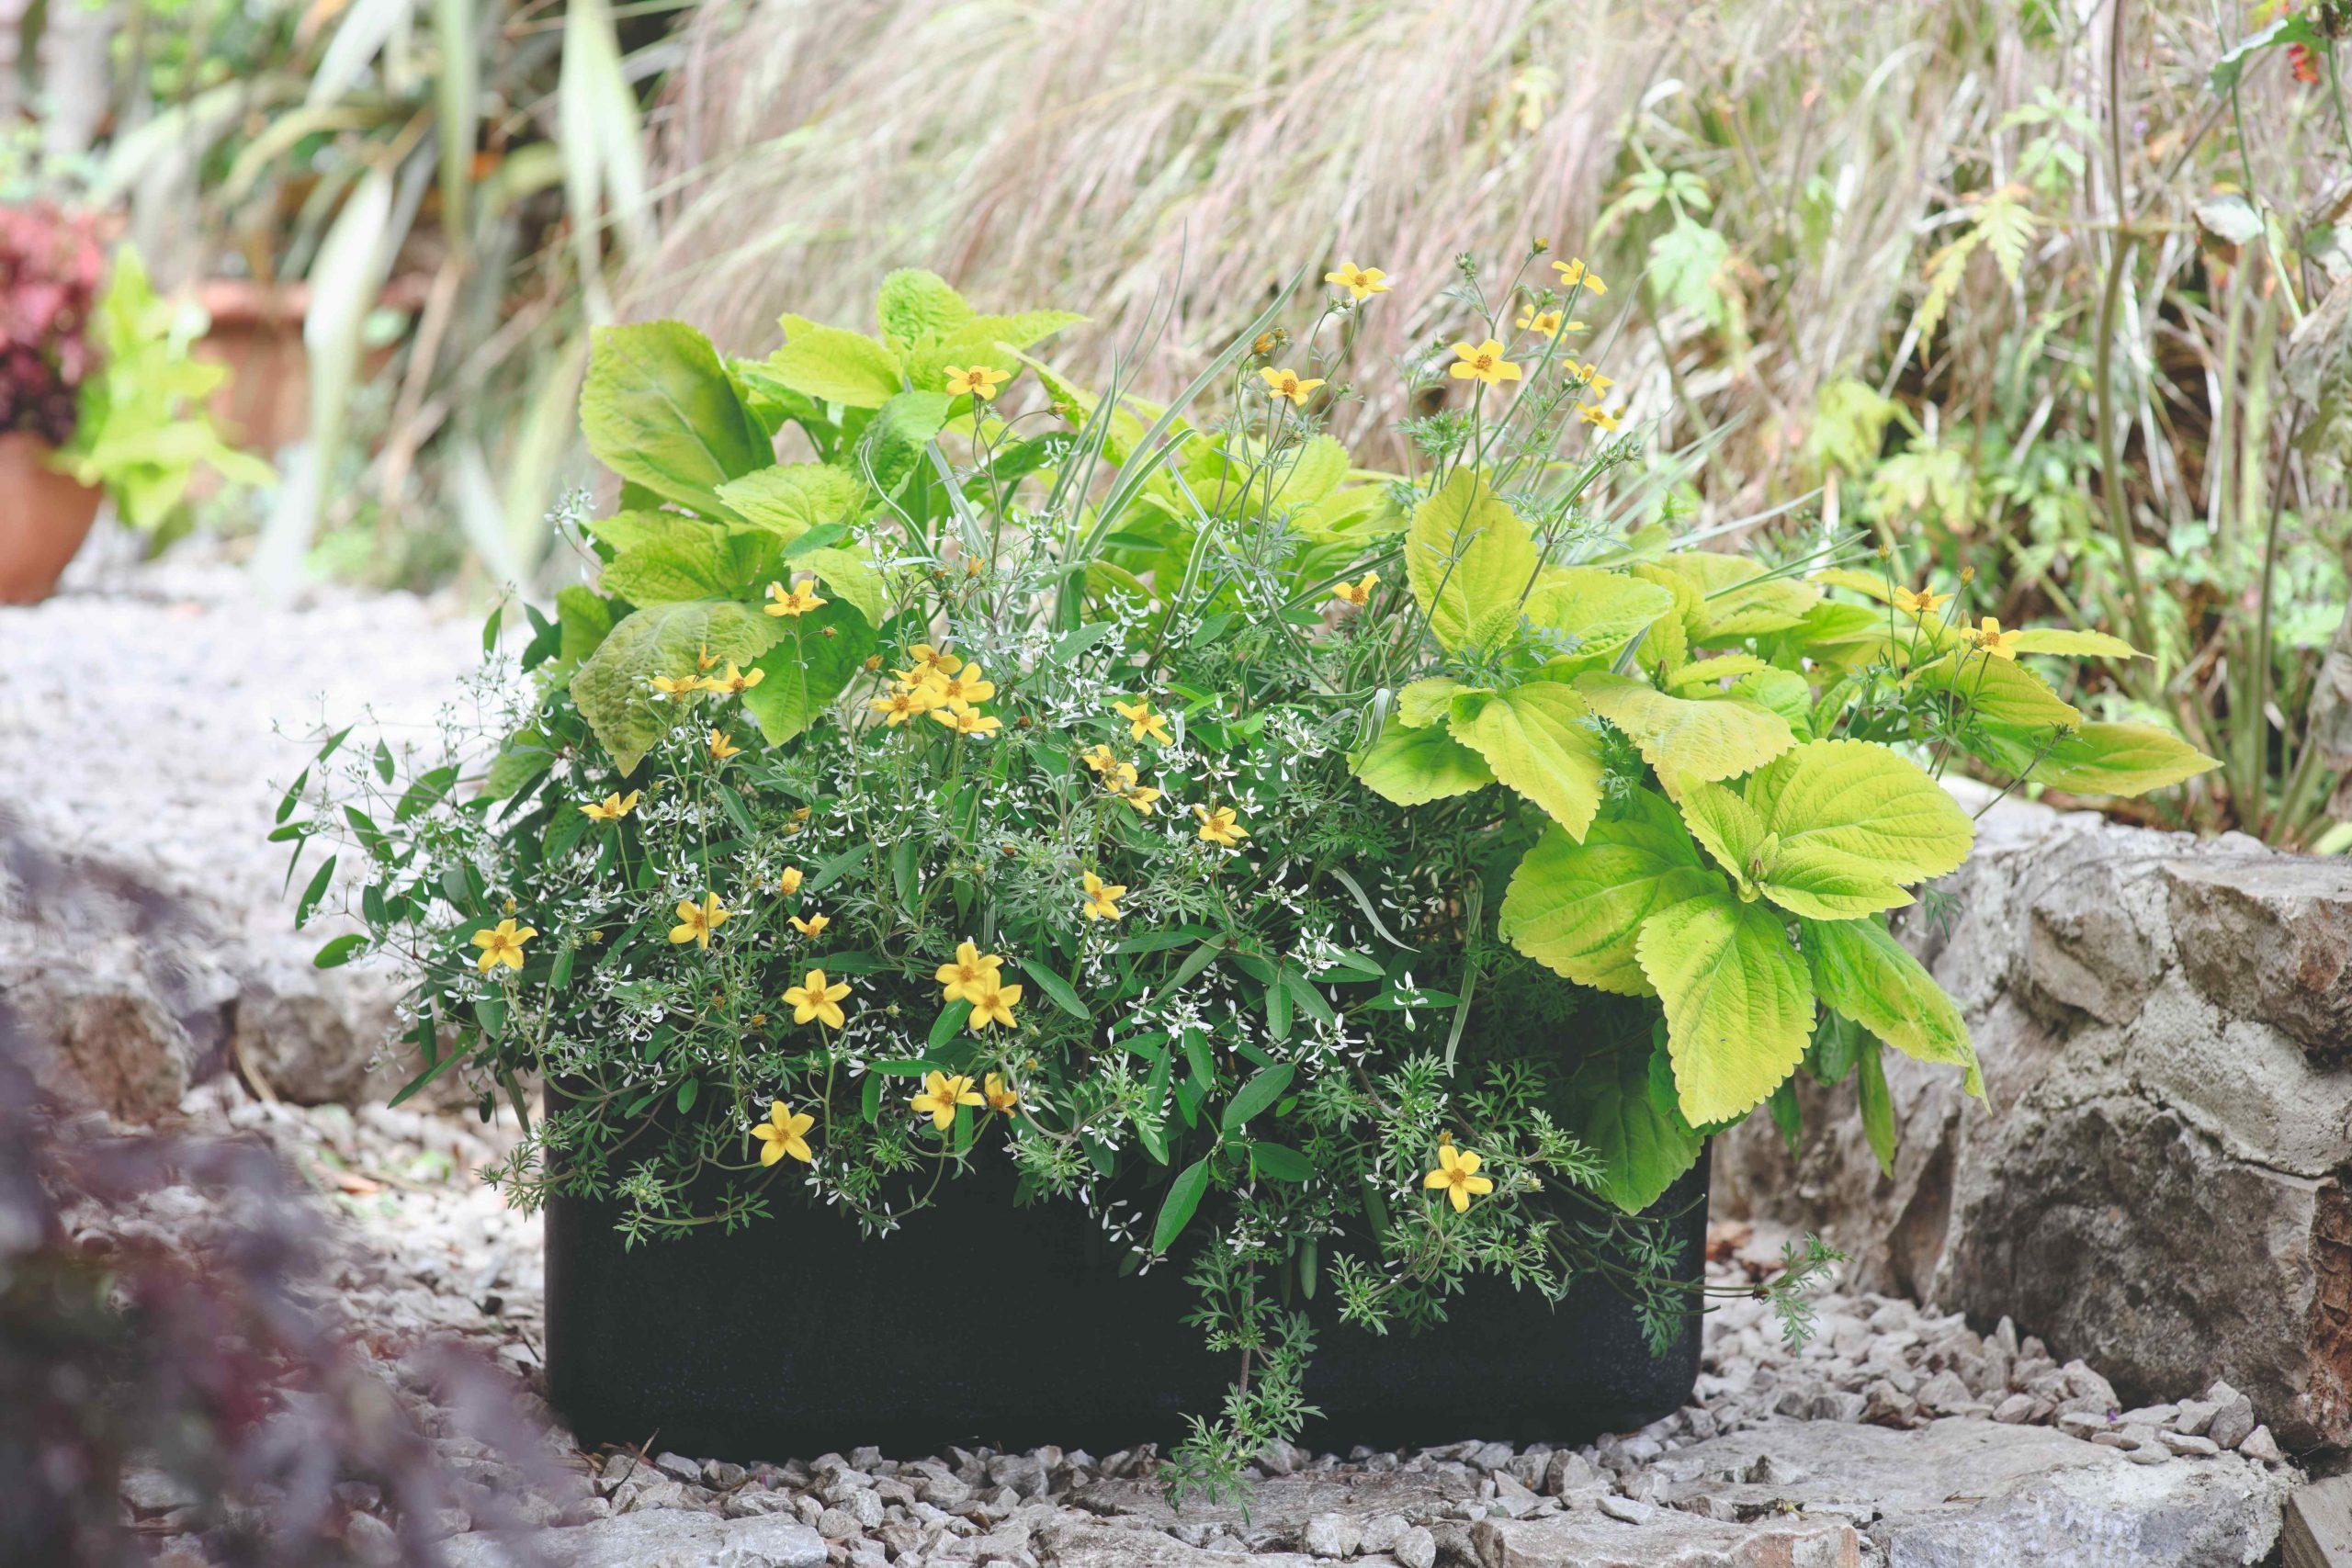 Kvetináč so žltými kvetmi a zeleňou